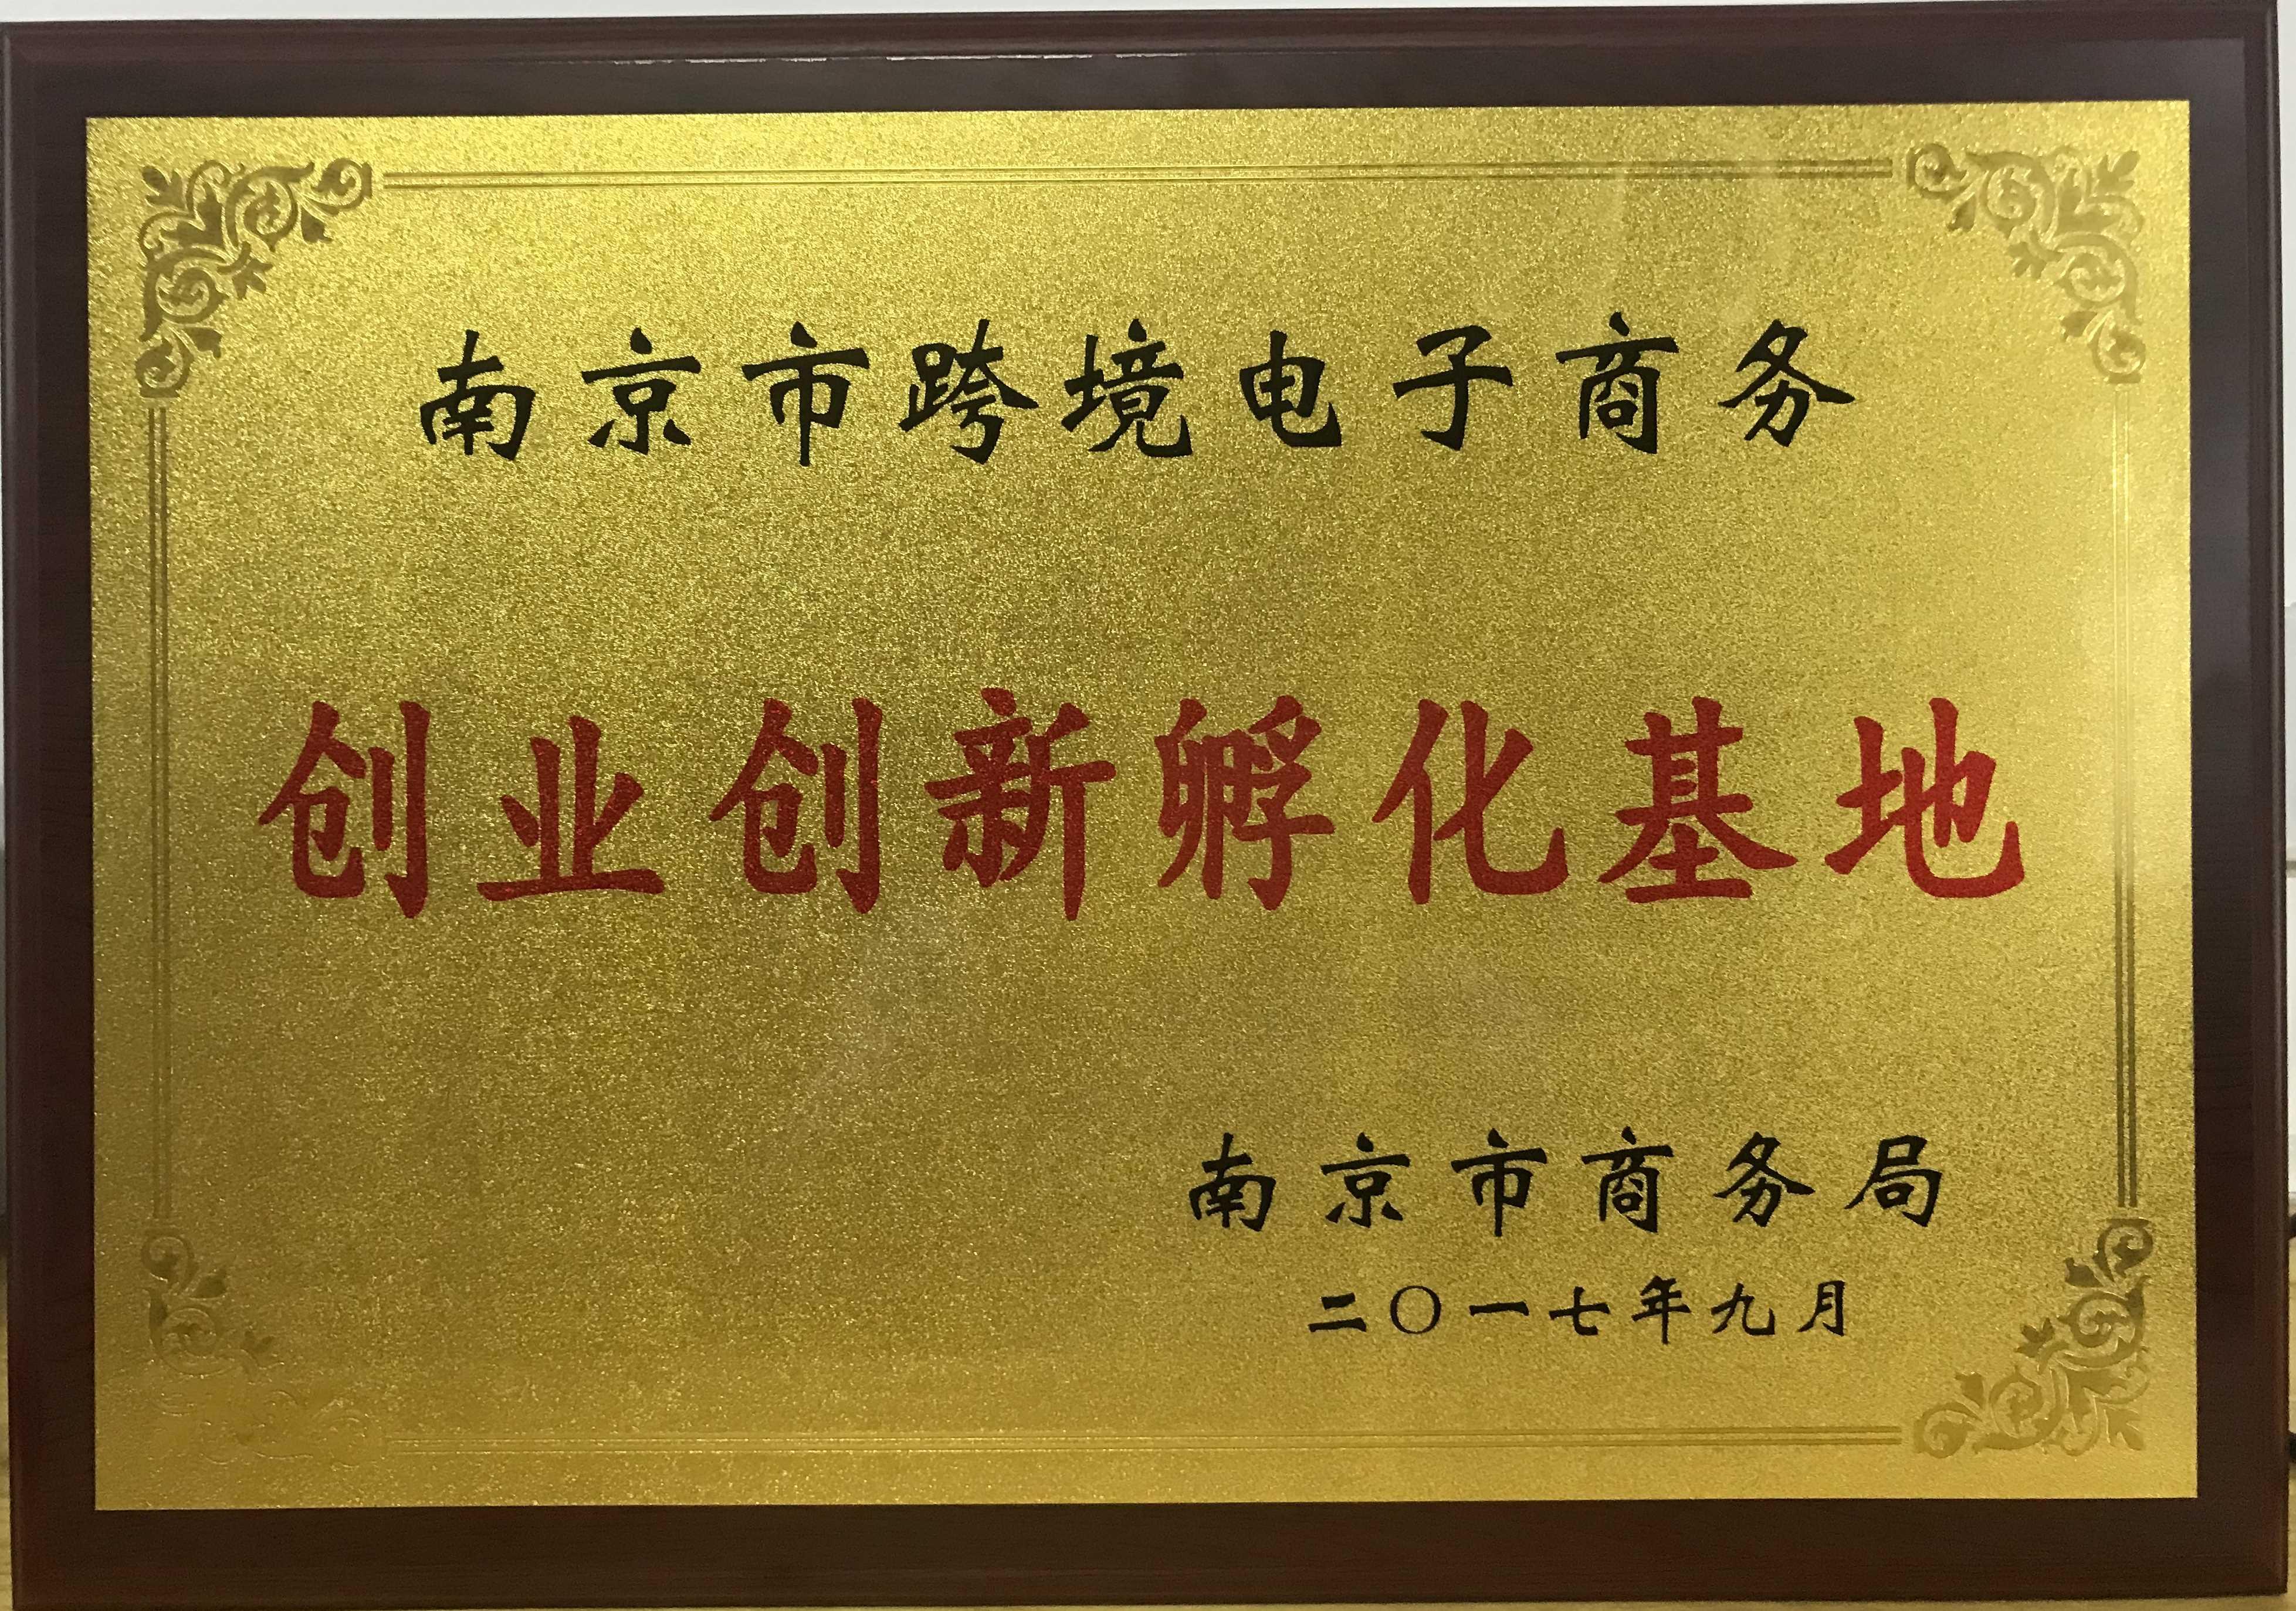 南京市商務局官方認定的跨境電商創業創新孵化基地